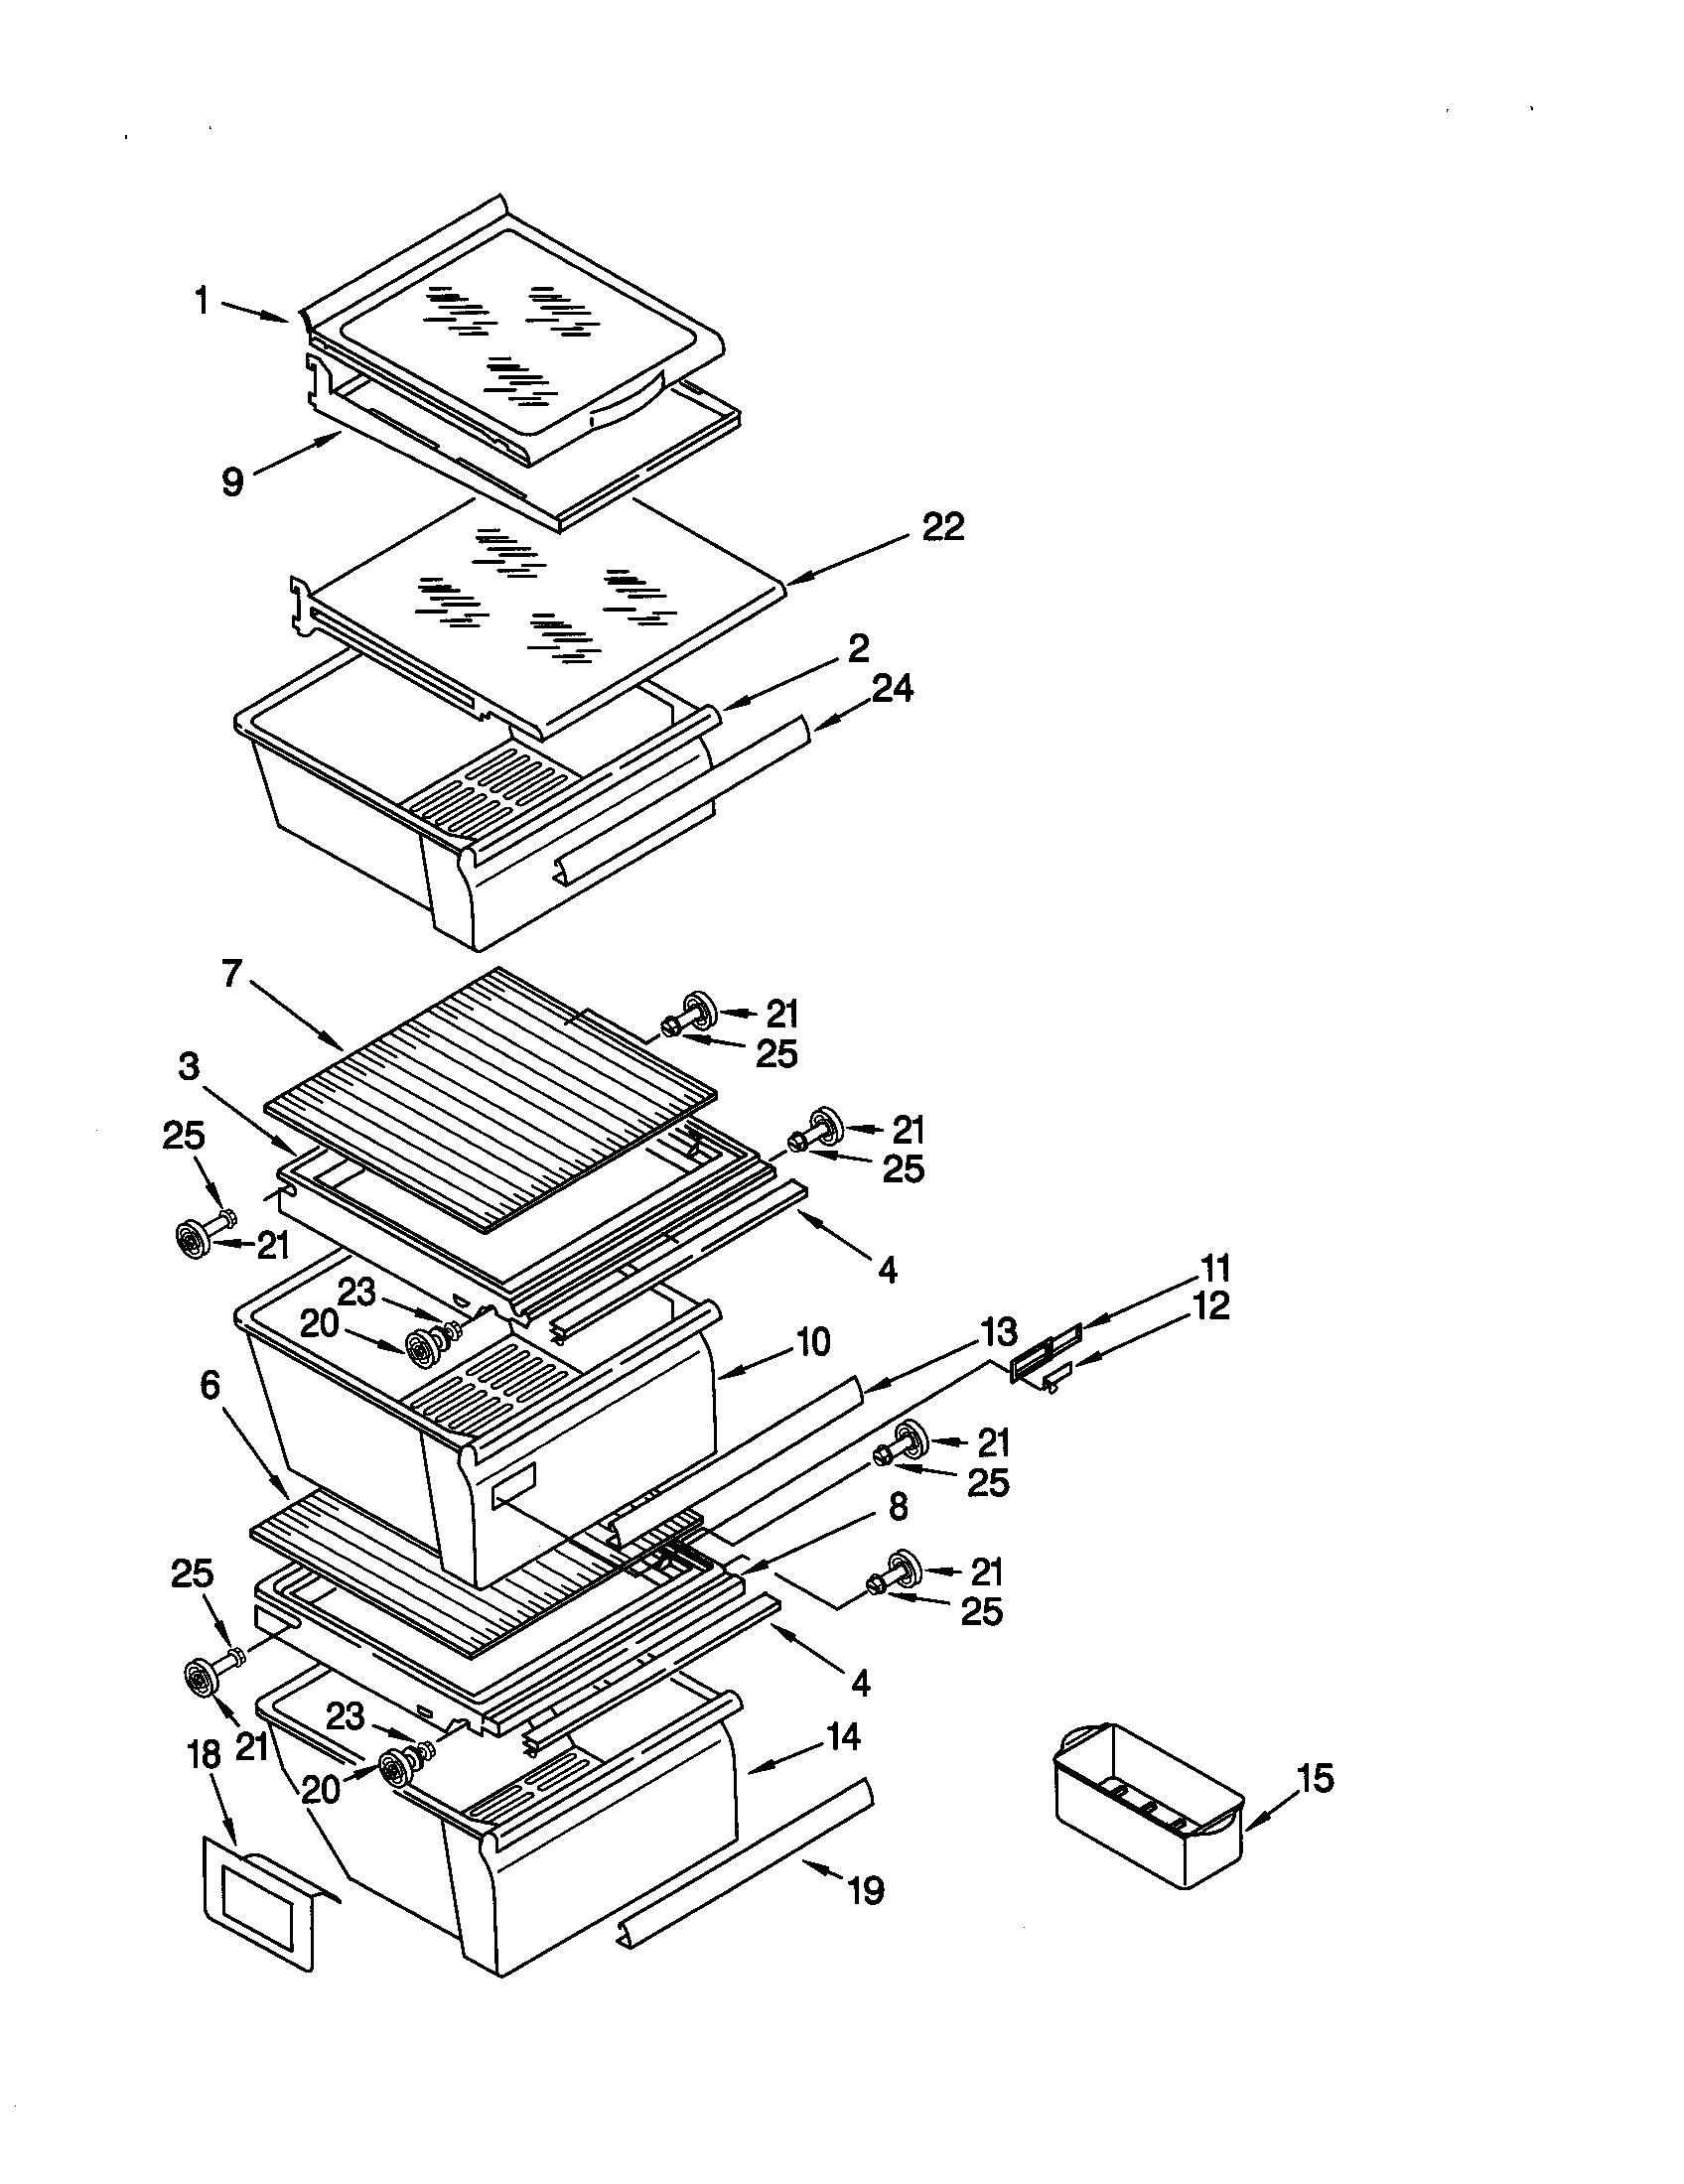 2003 Alero Fuse Diagram Wiring Diagram Dodge Caliber 2007 For Wiring Diagram Schematics